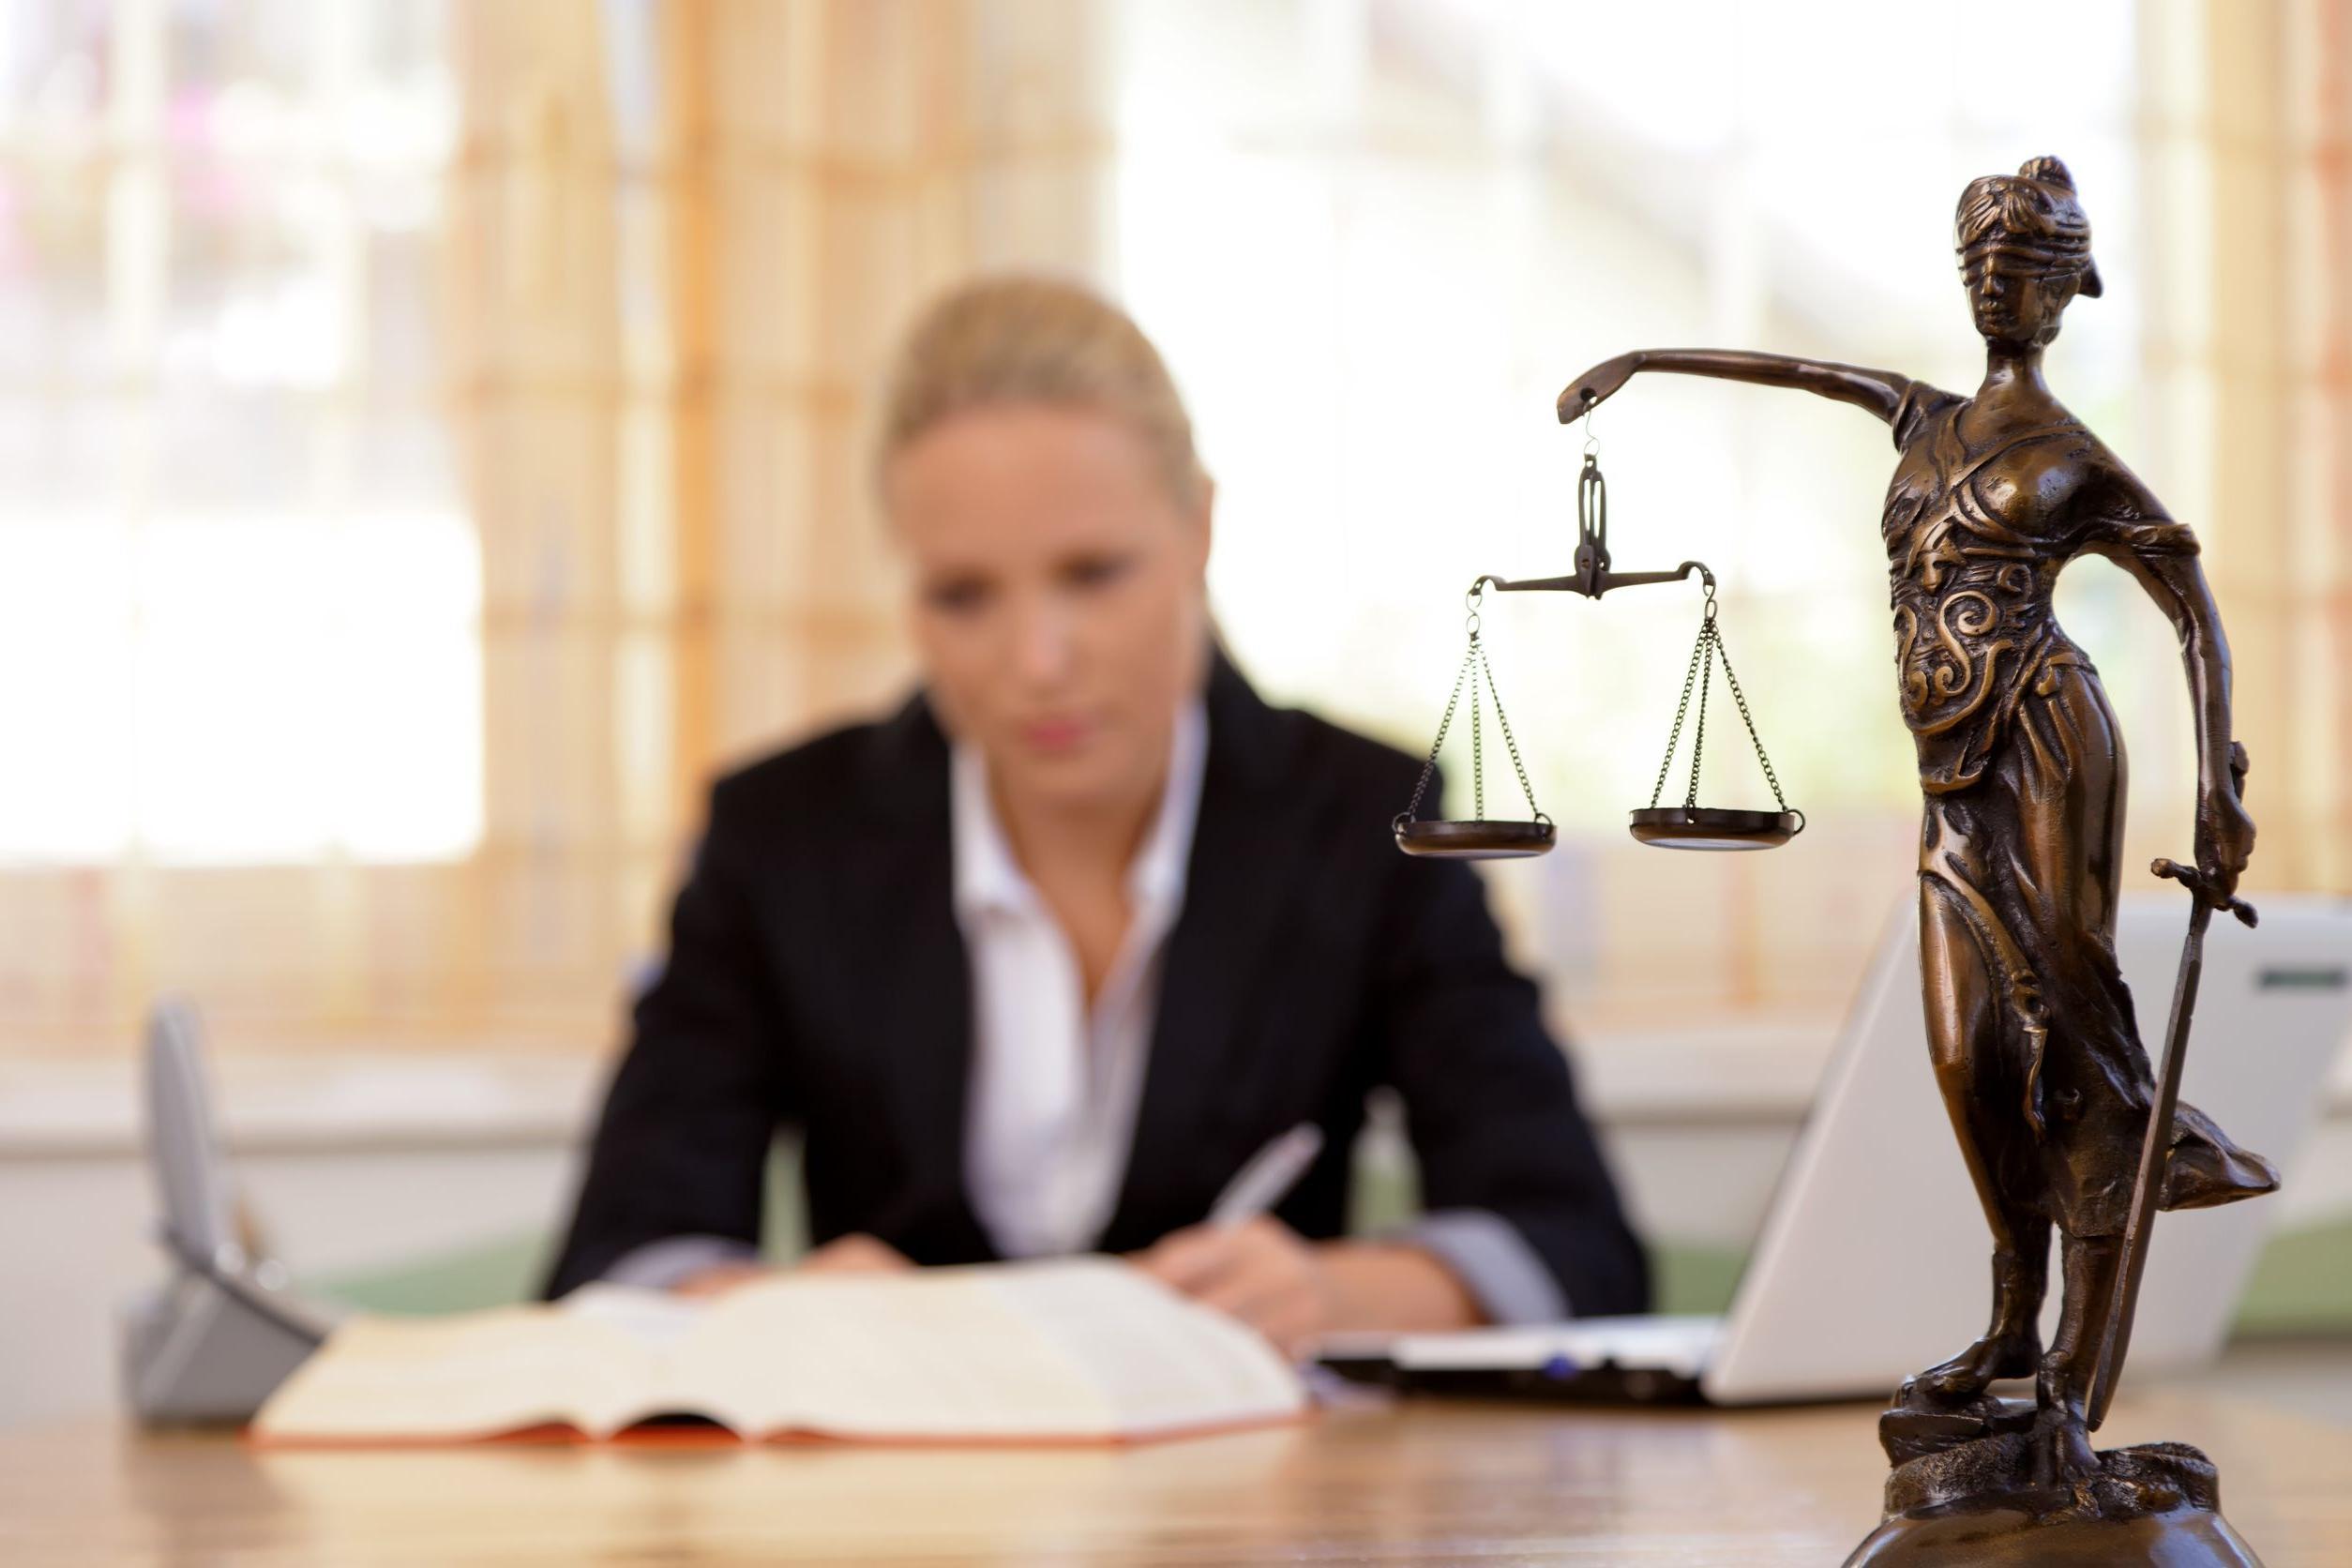 Malasanità e risarcimento: come chiedere i danni e a chi fare causa?